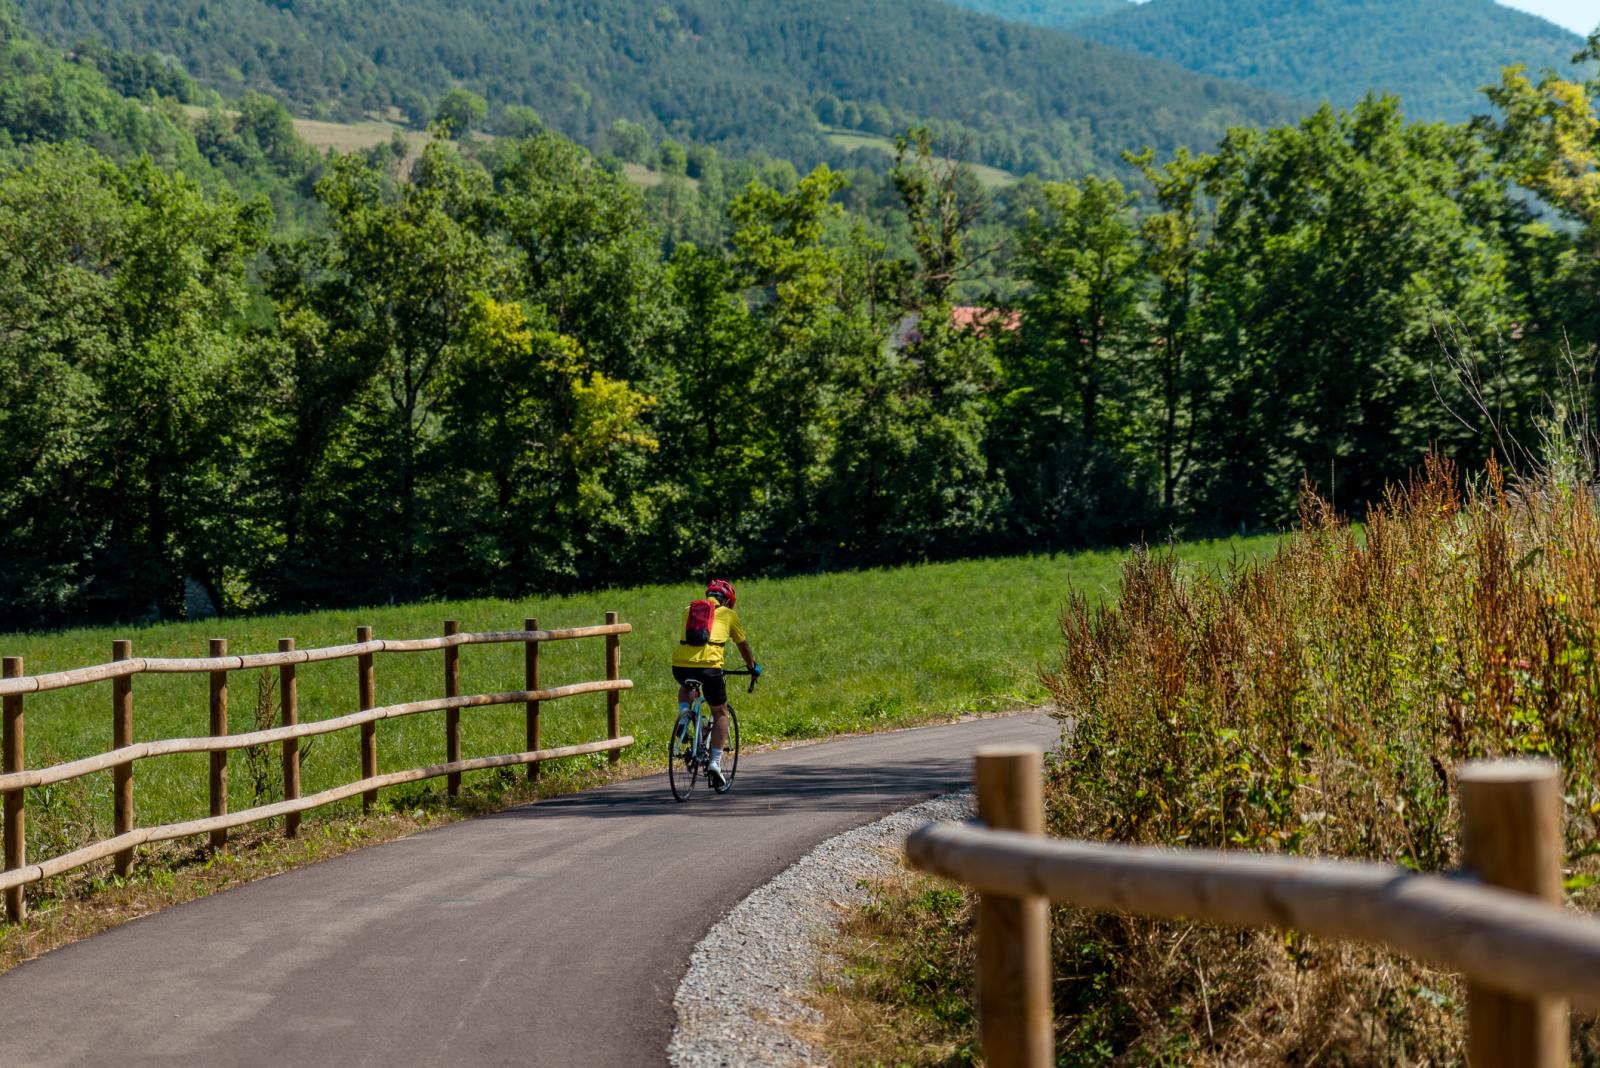 El cicloturisme és una activitat turística sostenible i amb un gran impacte en l'economia de les zones rurals